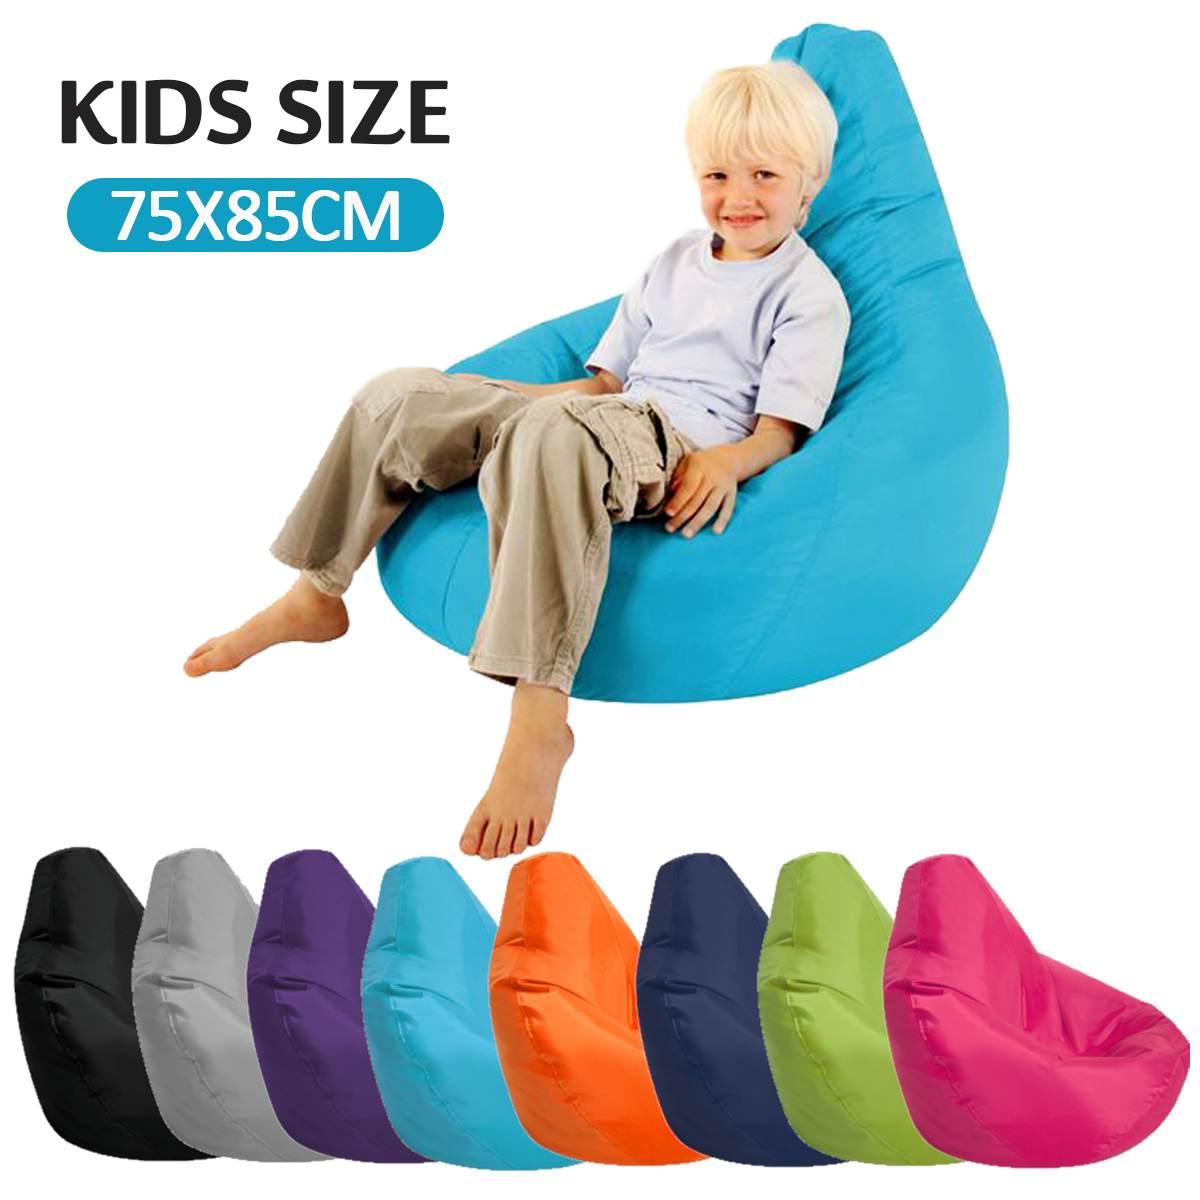 Kids Bean Bag Sofa Chair Cover Lounger Sofa Ottoman Seat